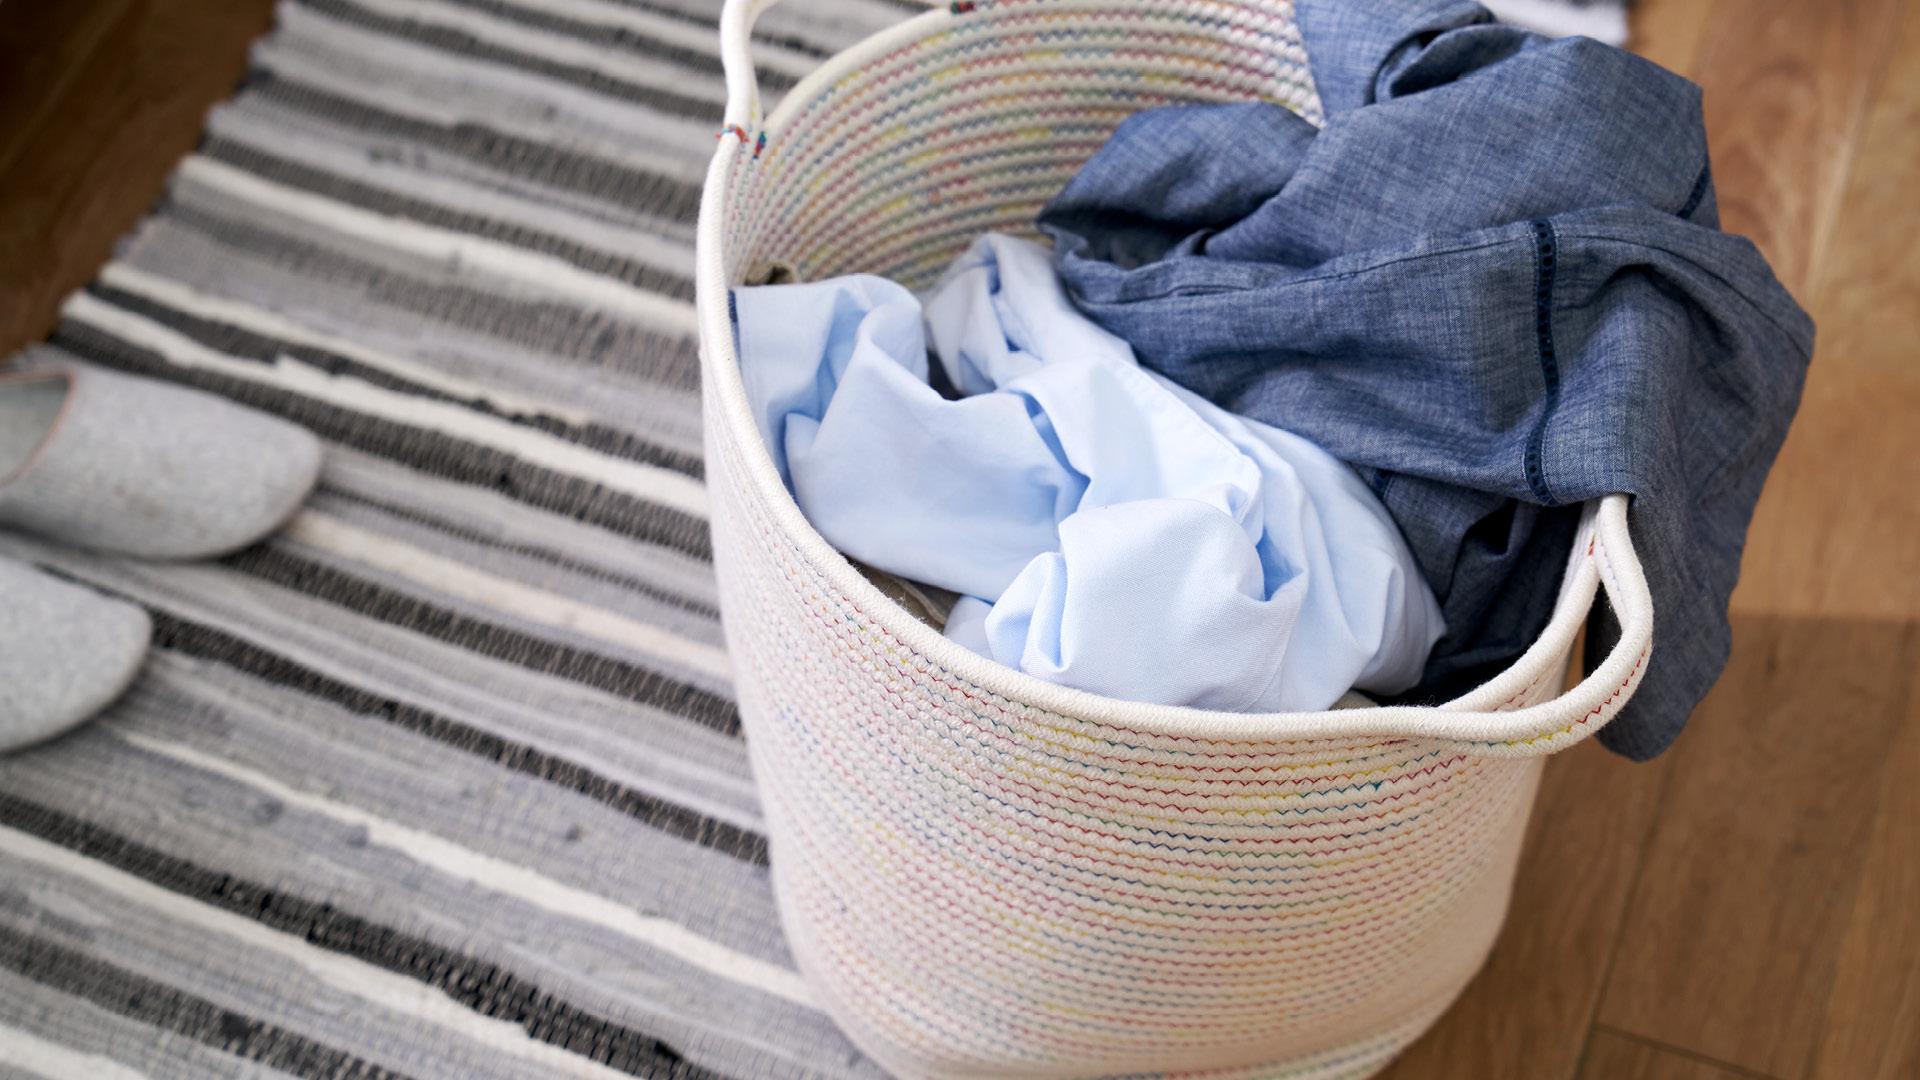 换洗衣服随手安置,不伤衣物的安心体验